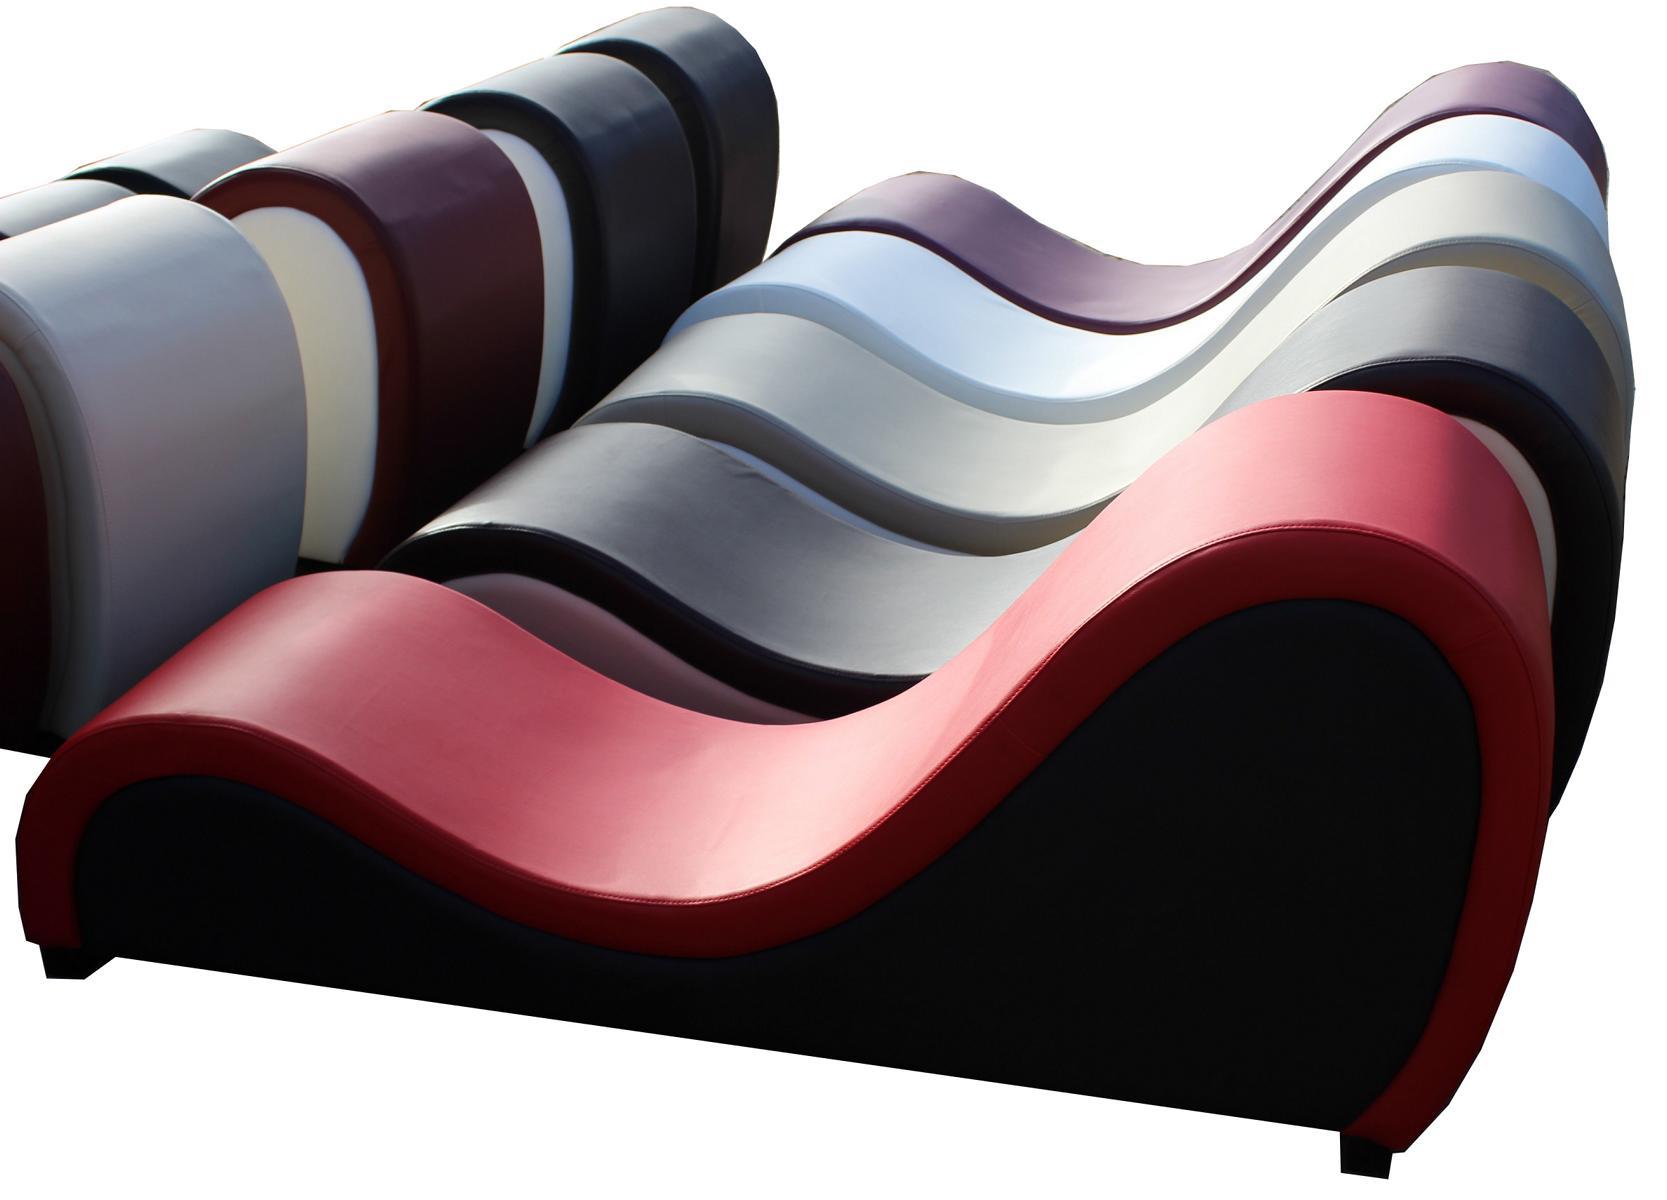 Gewaltig Tantra Stuhl Sammlung Von Http://handelshop24review/allgemein/tatasofa/1.jpg